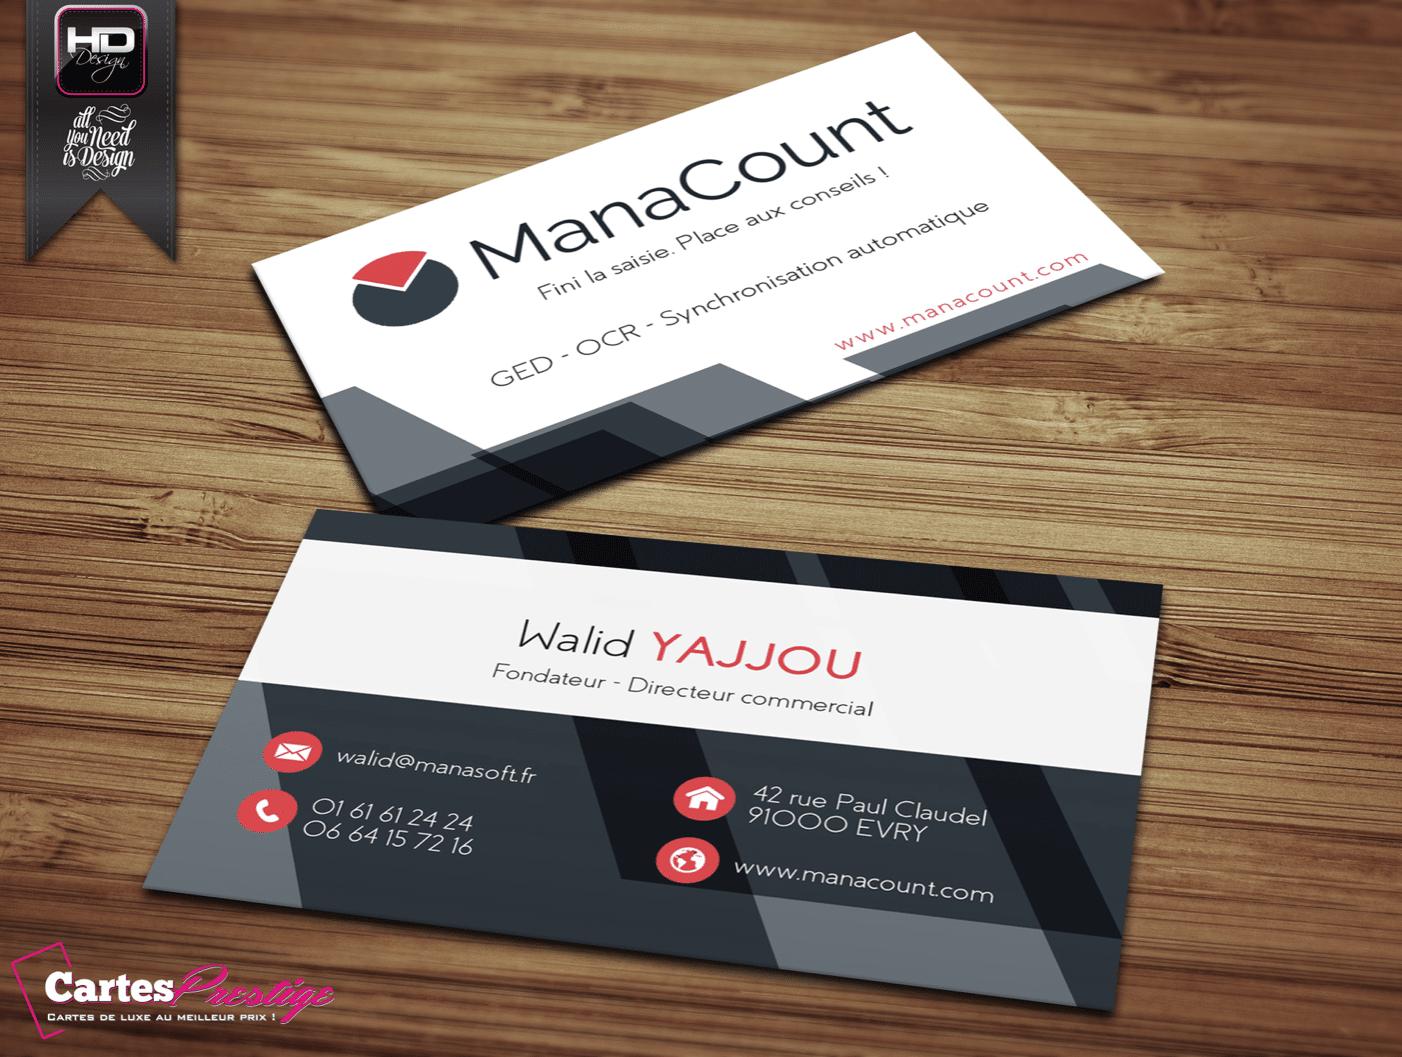 Cartes de visite Manacount